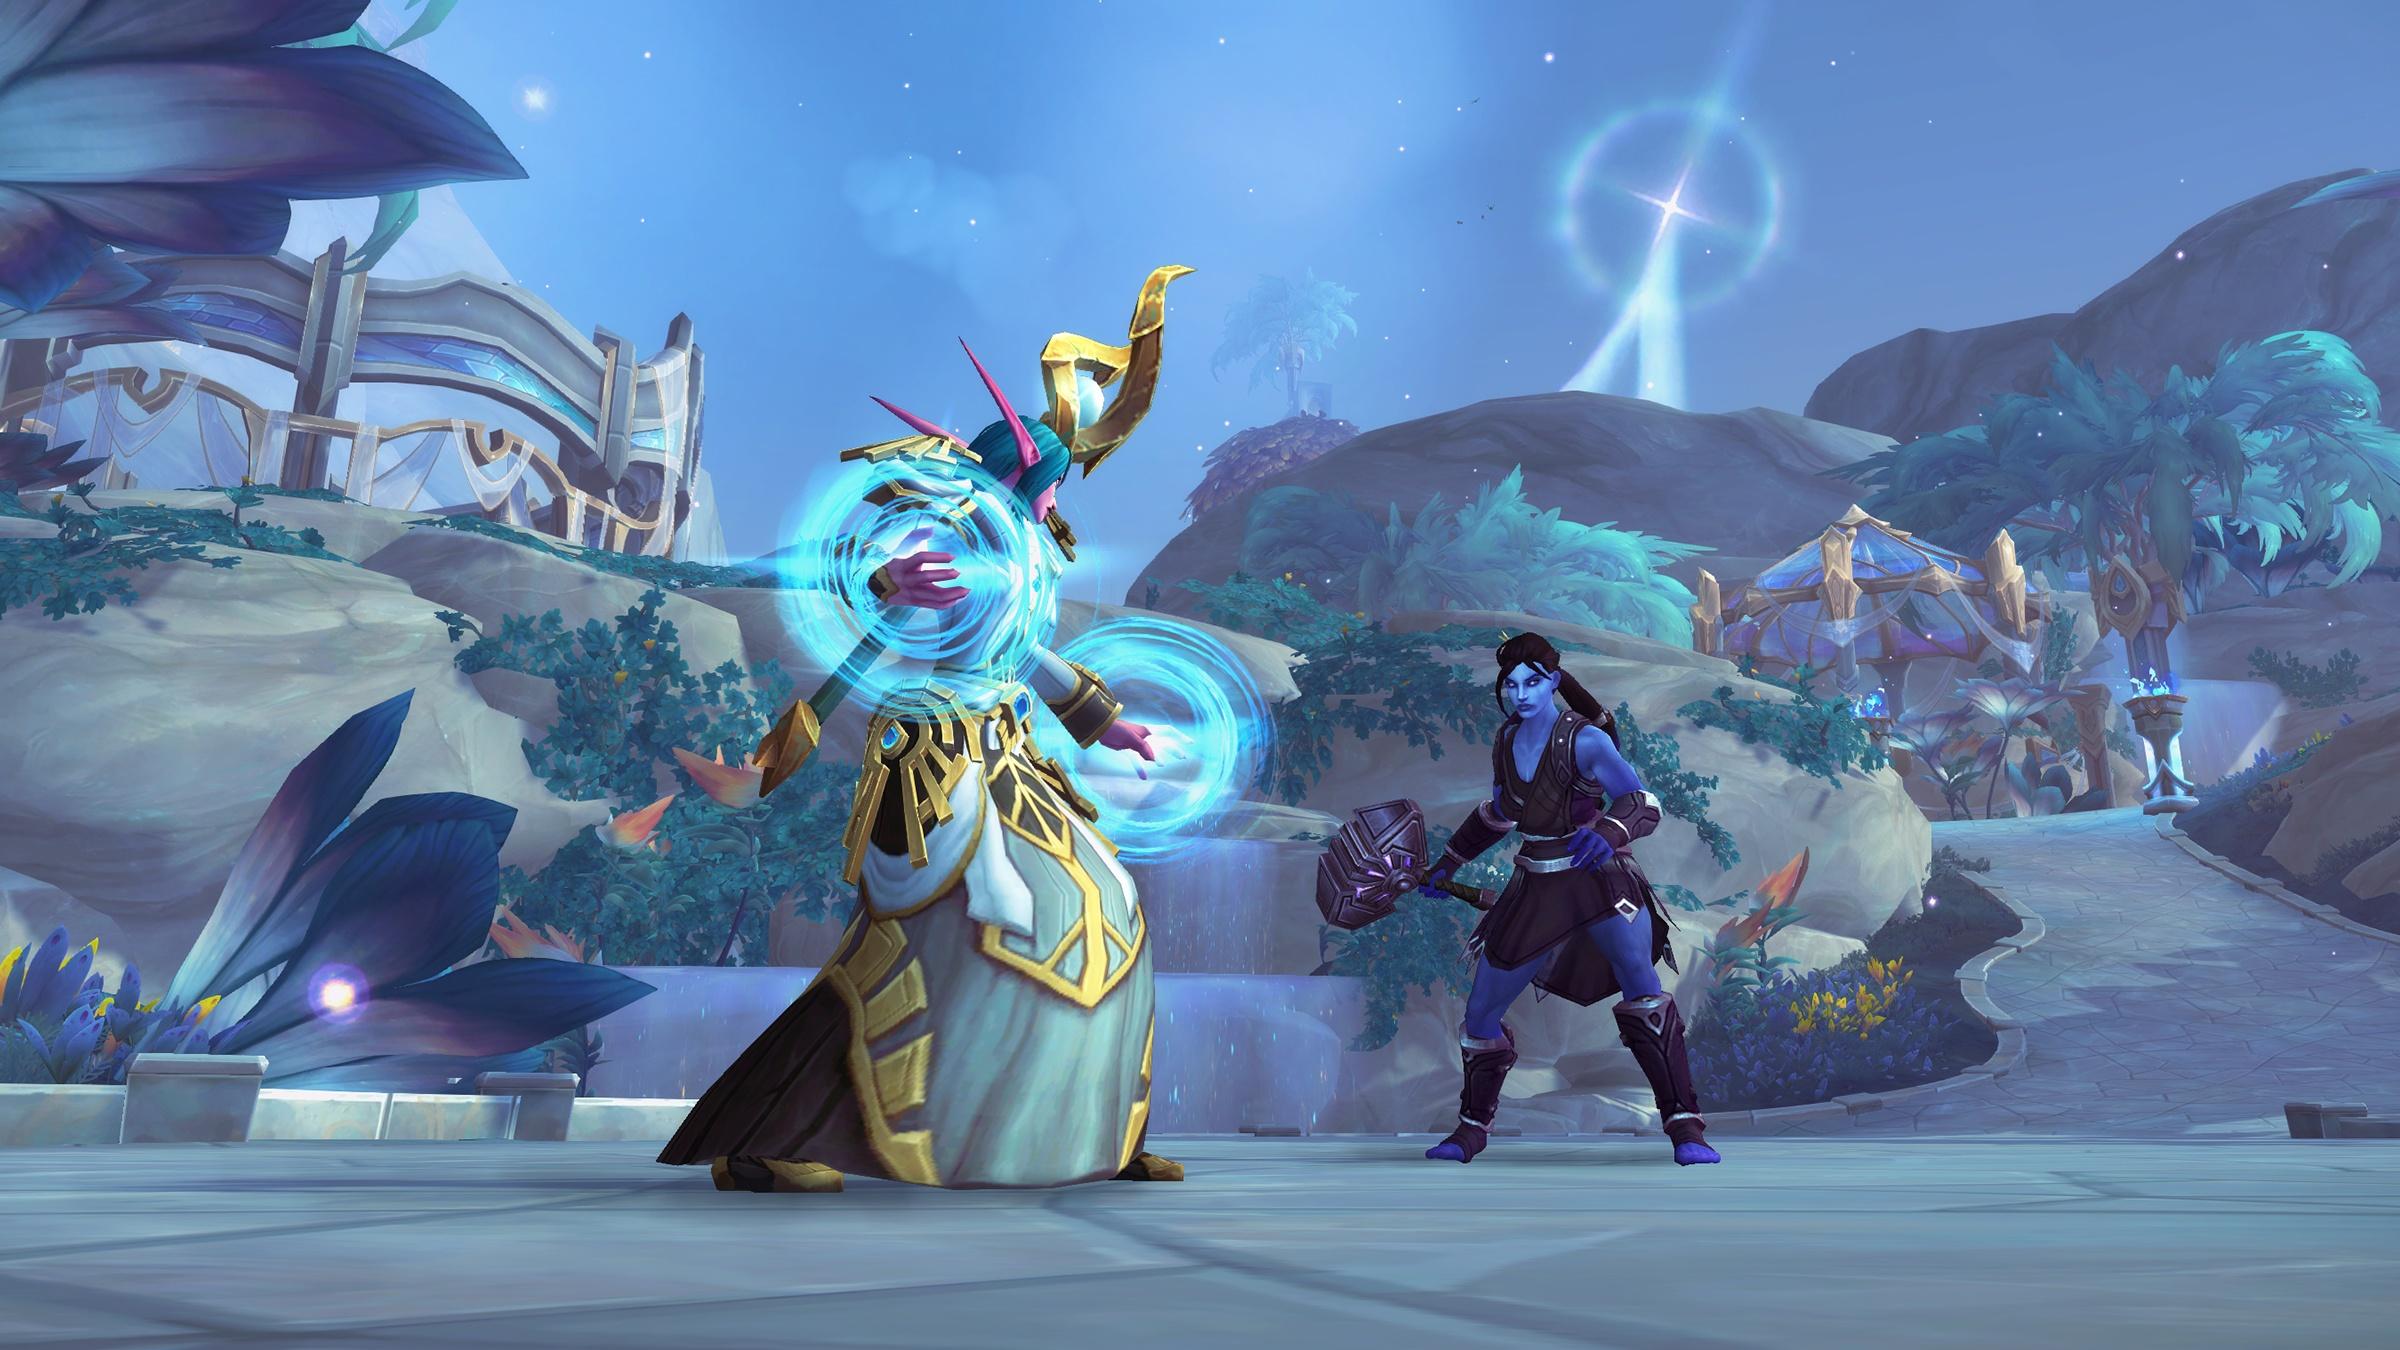 World of Warcraft: Shadowlands – есть ли у Темных земель шанс на светлое будущее?